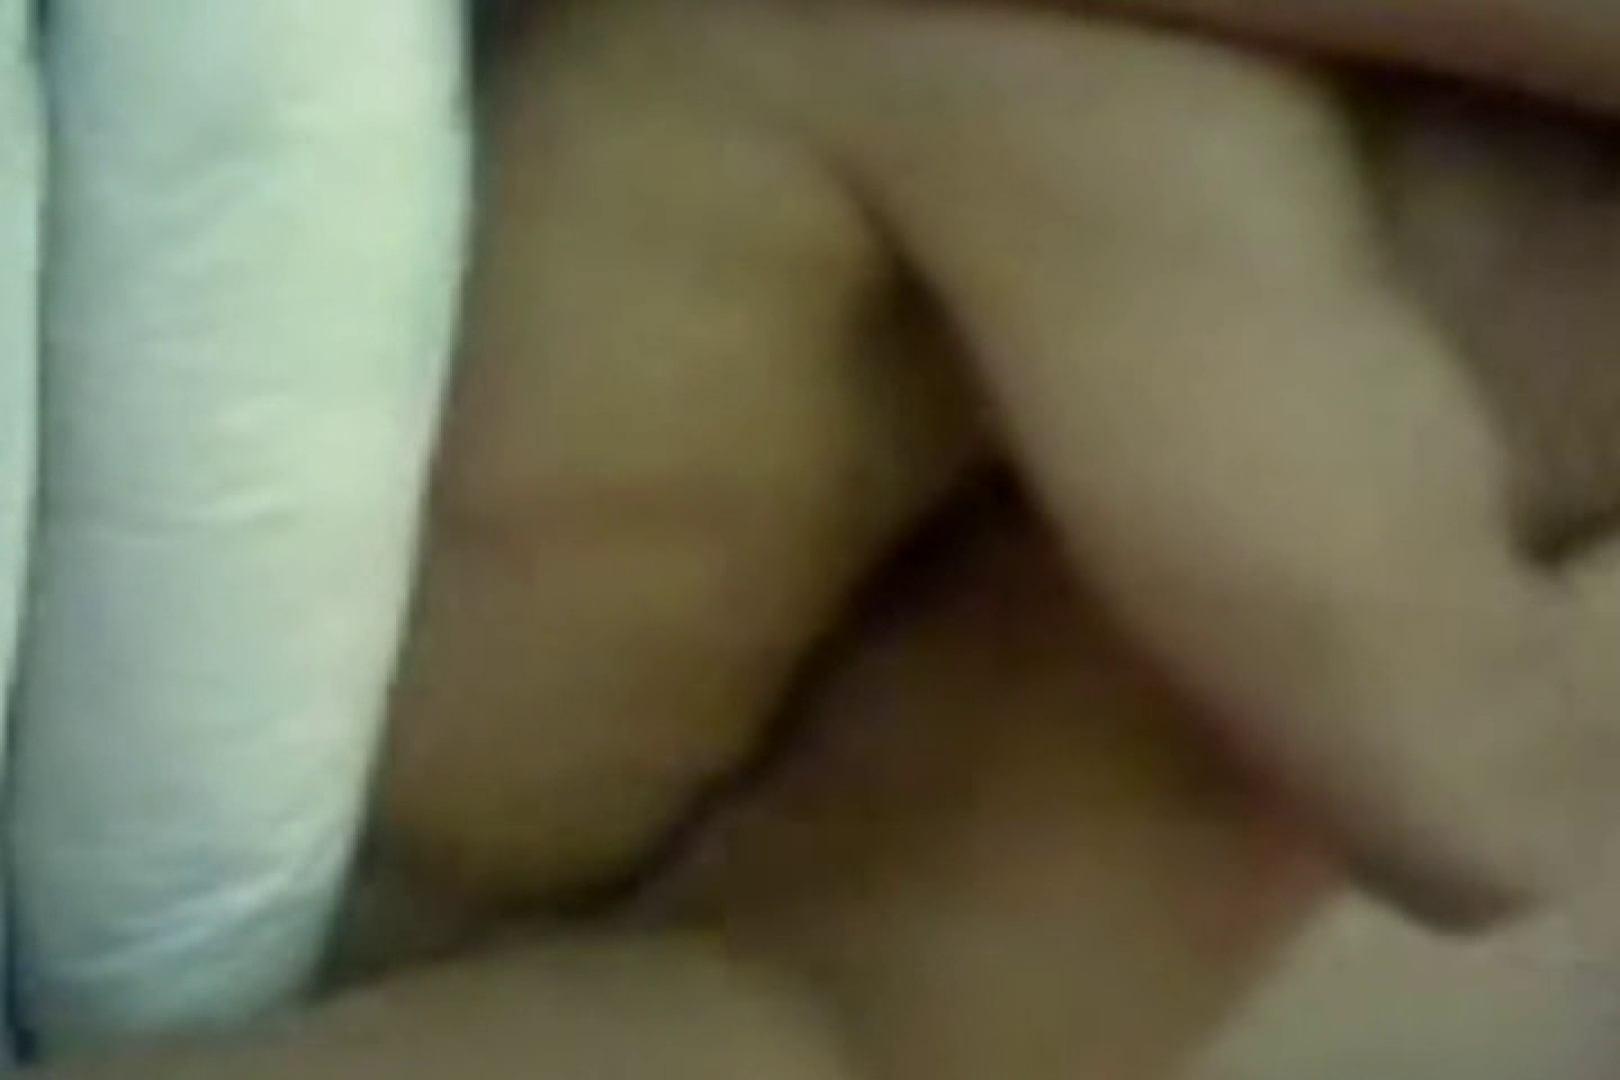 コリアン素人流出シリーズ 美人で巨乳の彼女とハメ撮り 素人のぞき ヌード画像 83pic 38